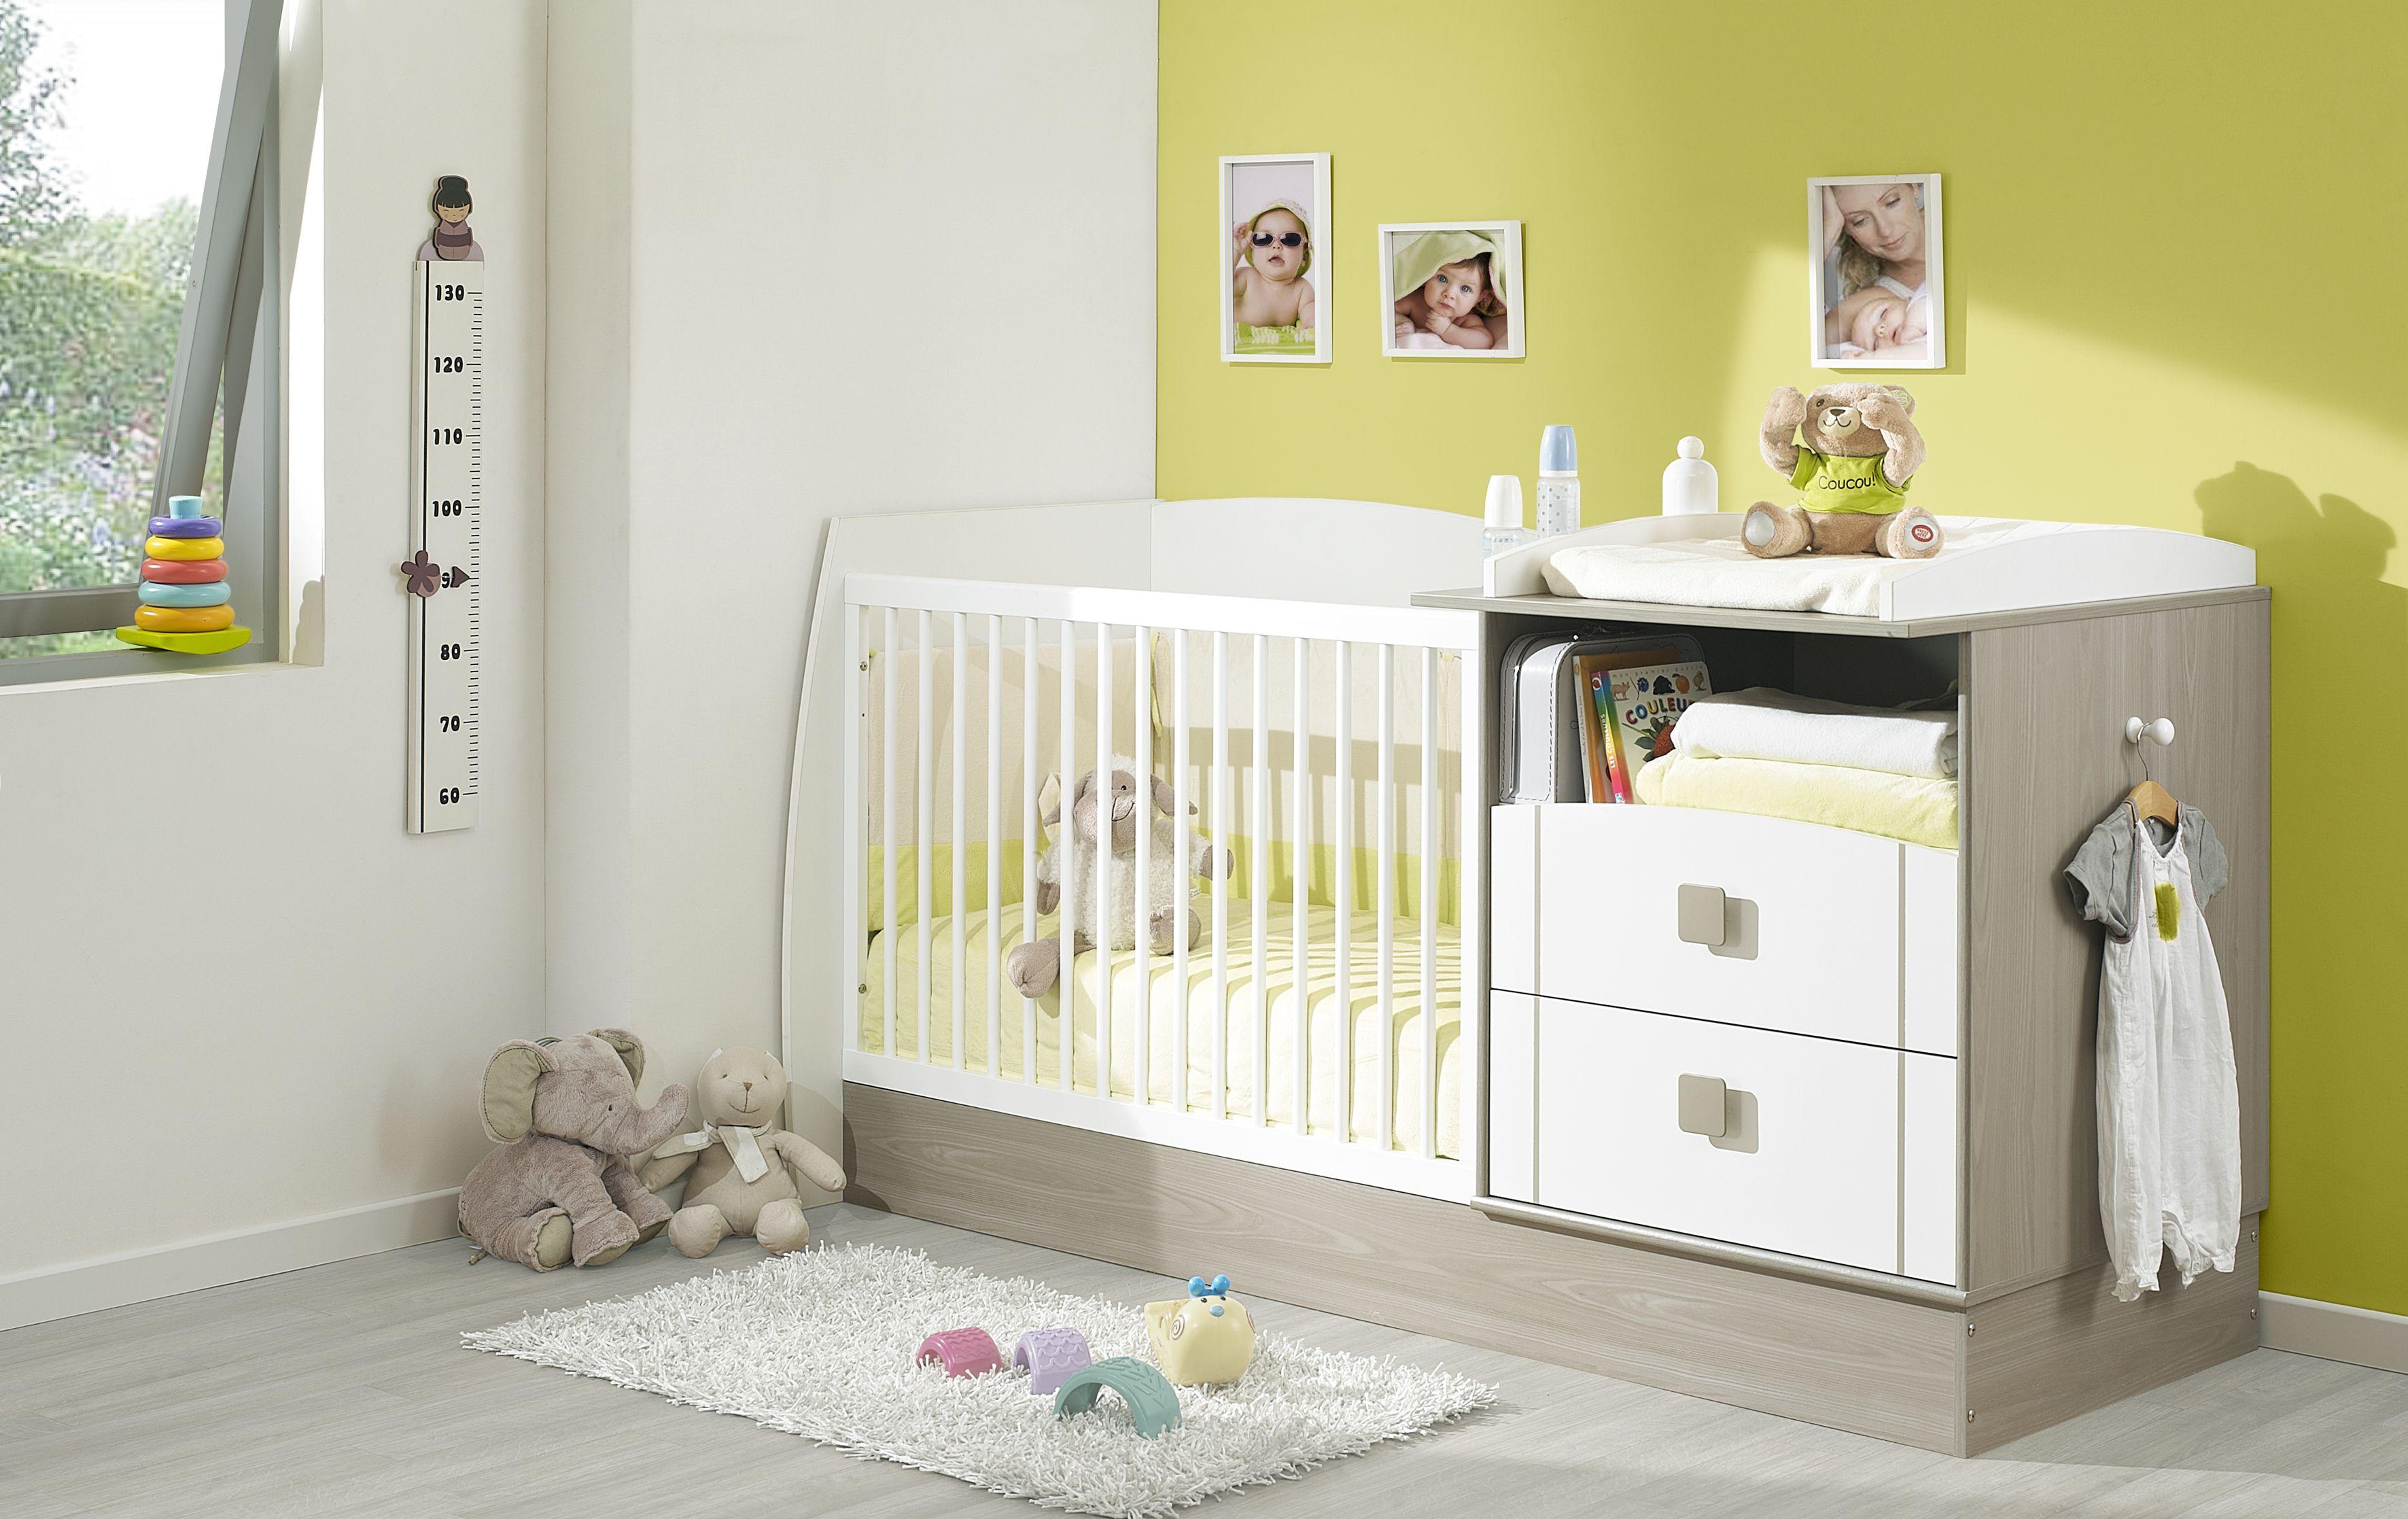 lit bébé compact transformable Jules Galipette